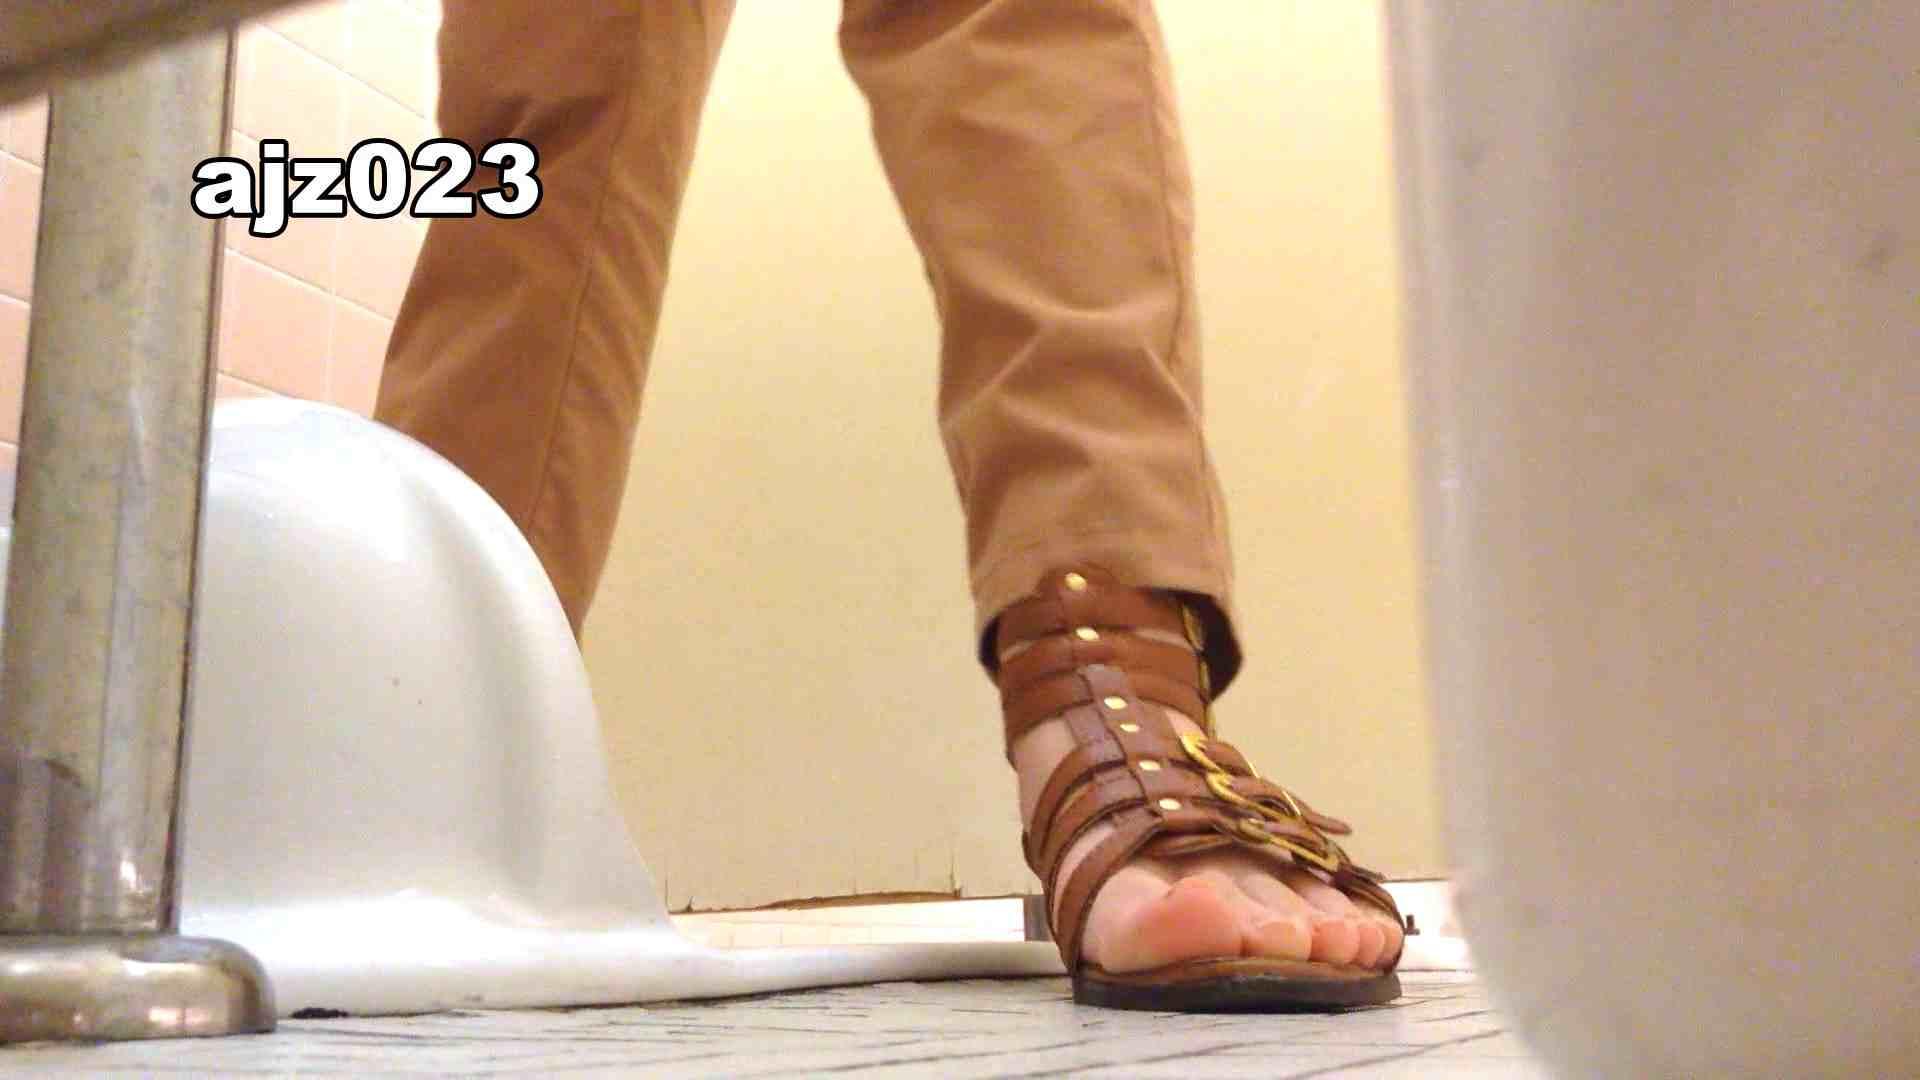 某有名大学女性洗面所 vol.23 和式 盗み撮り動画キャプチャ 52pic 15